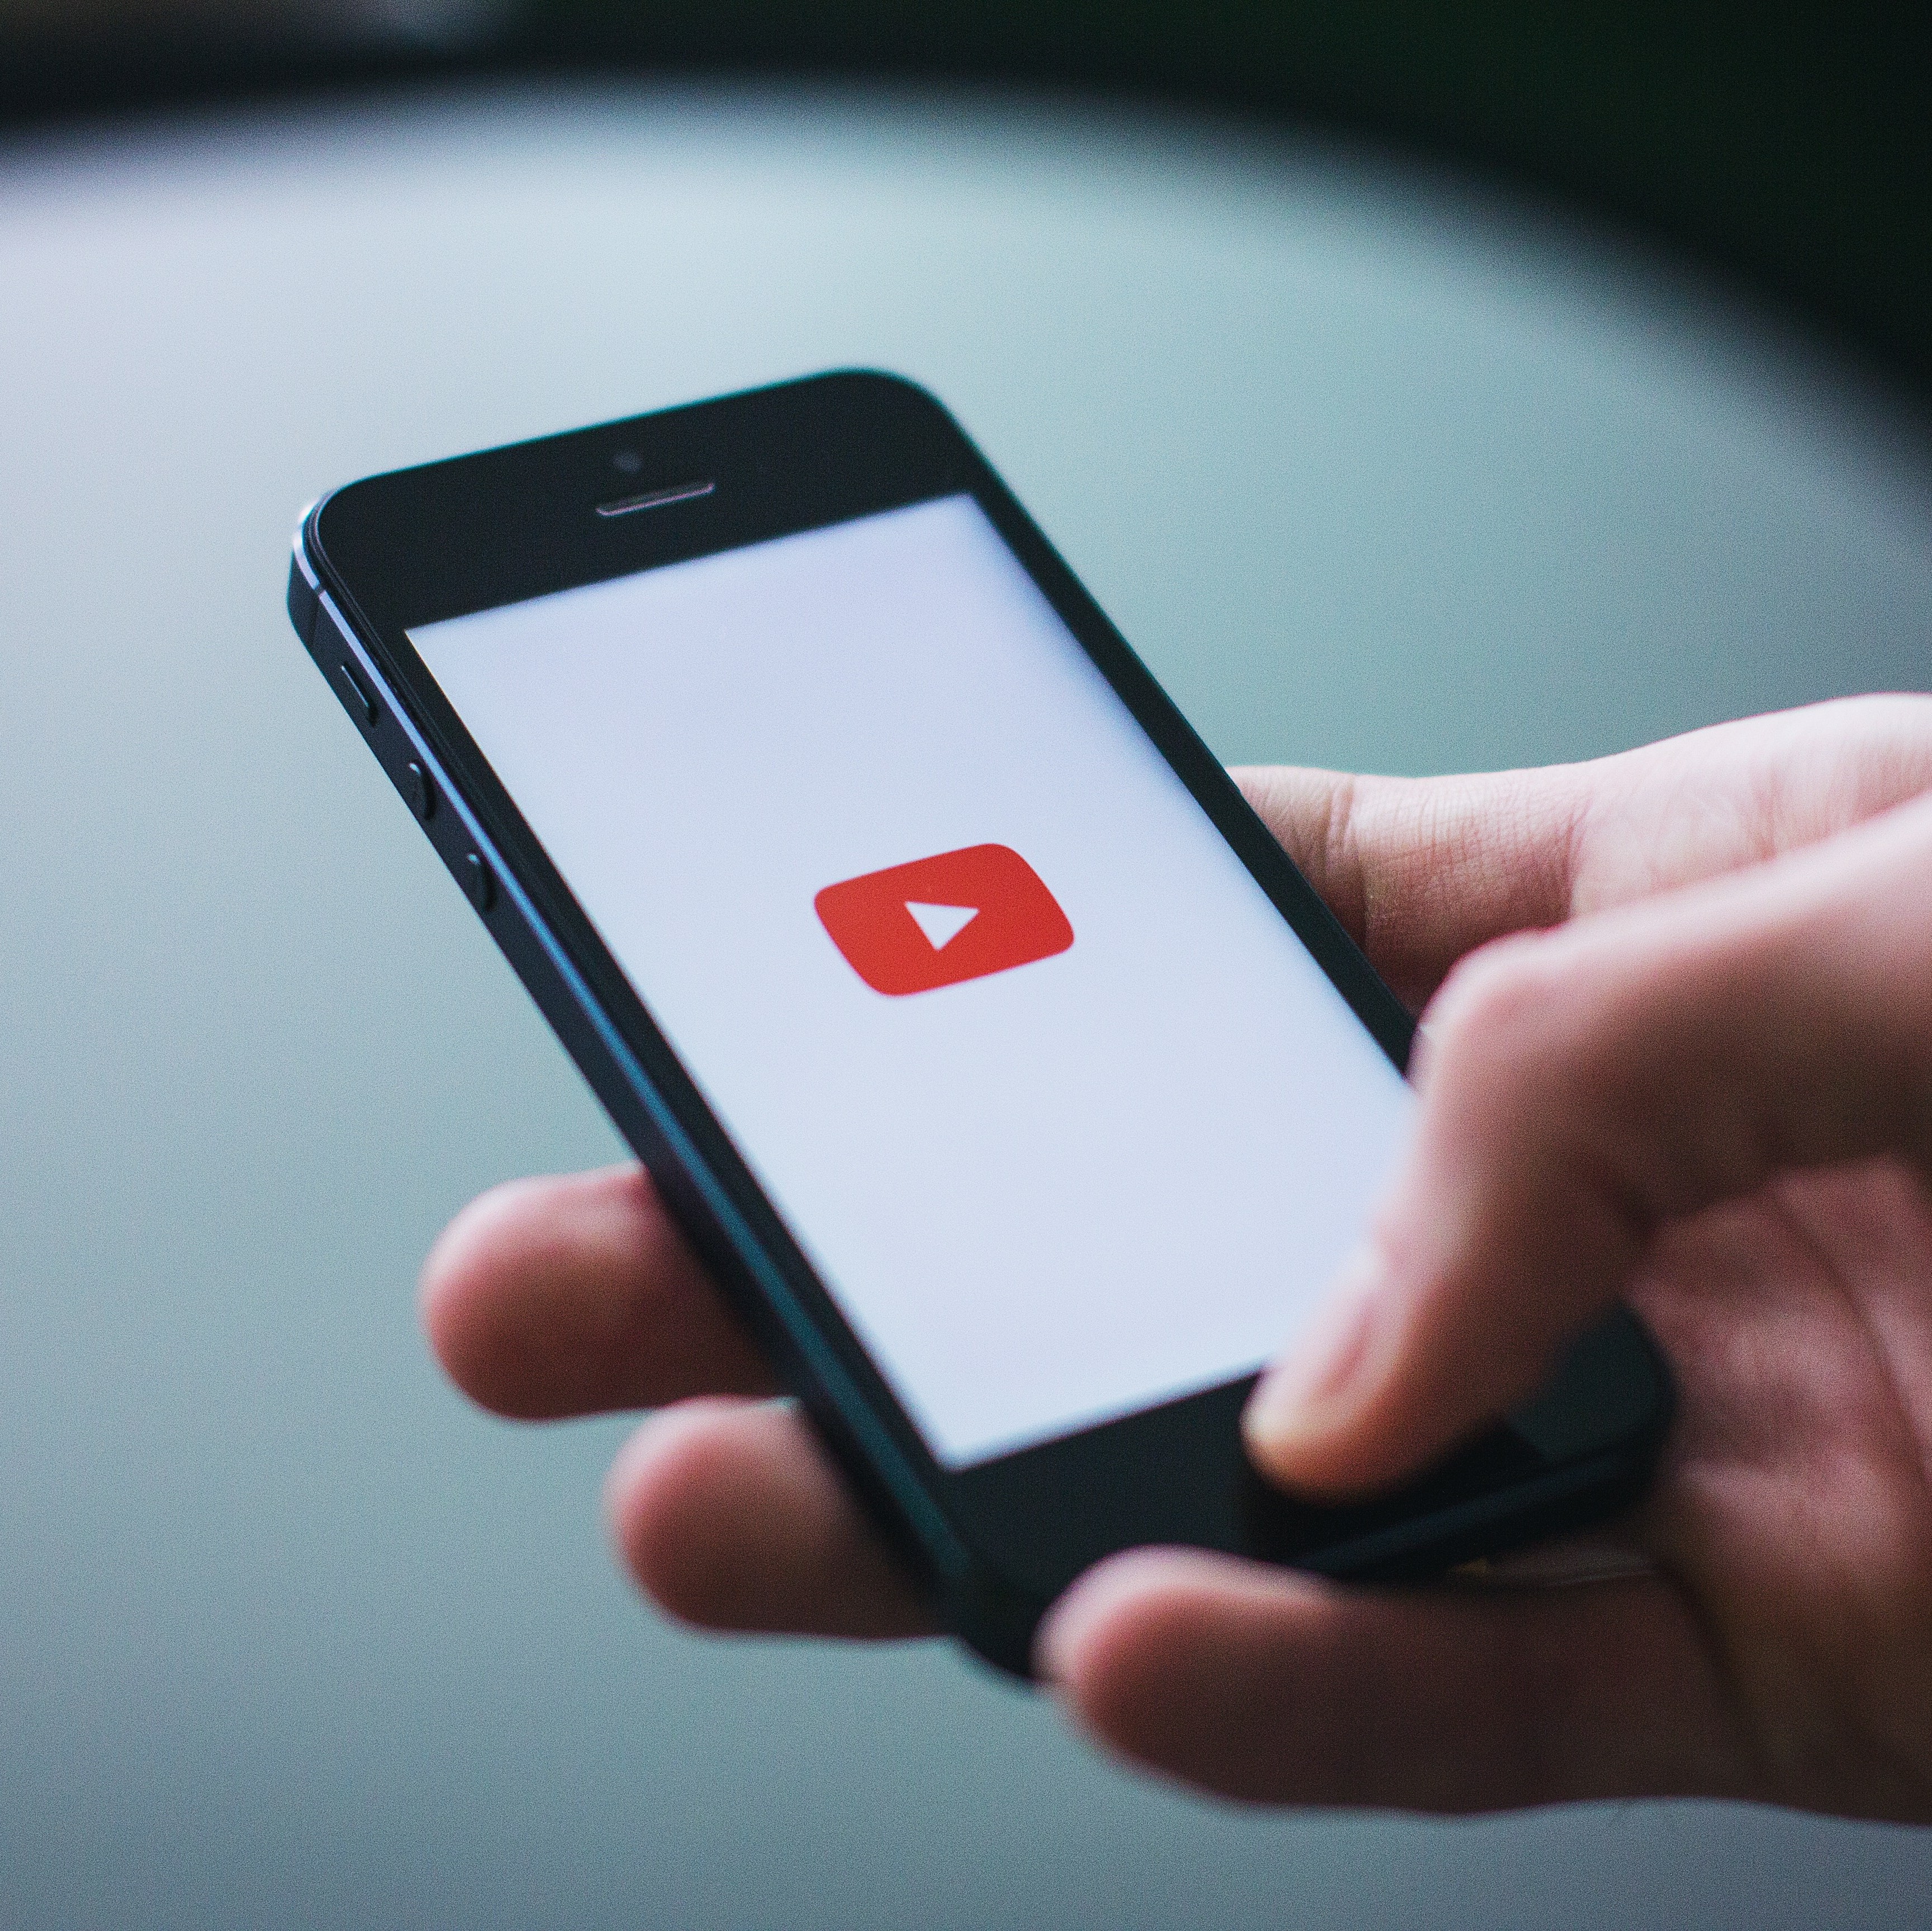 Último episódio do aparelho elétrico - YouTube e Facebook